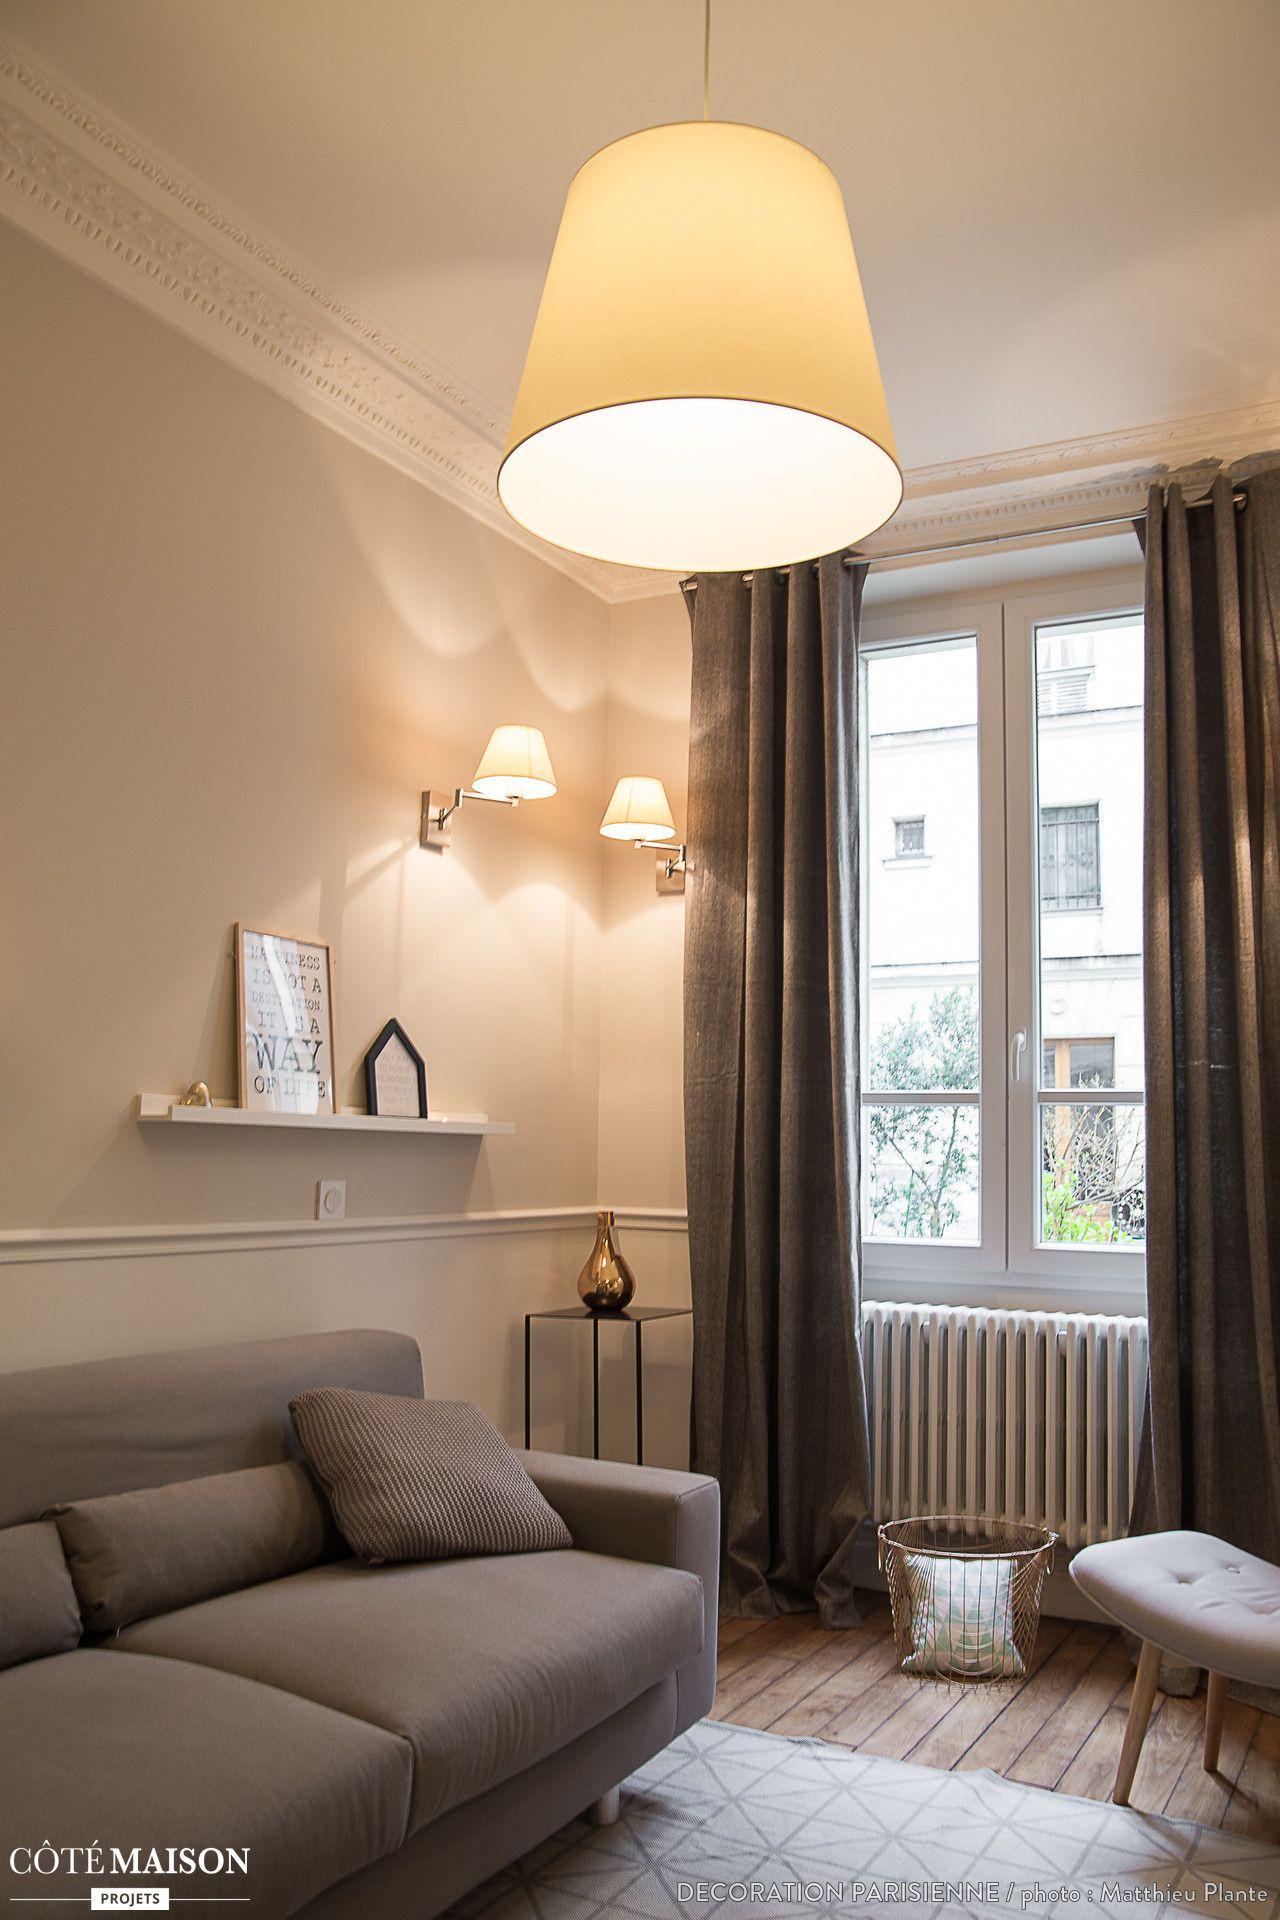 Decoration Maison Interieur Rideaux un salon cosy avec rideaux et tapis. la déco y est soignée